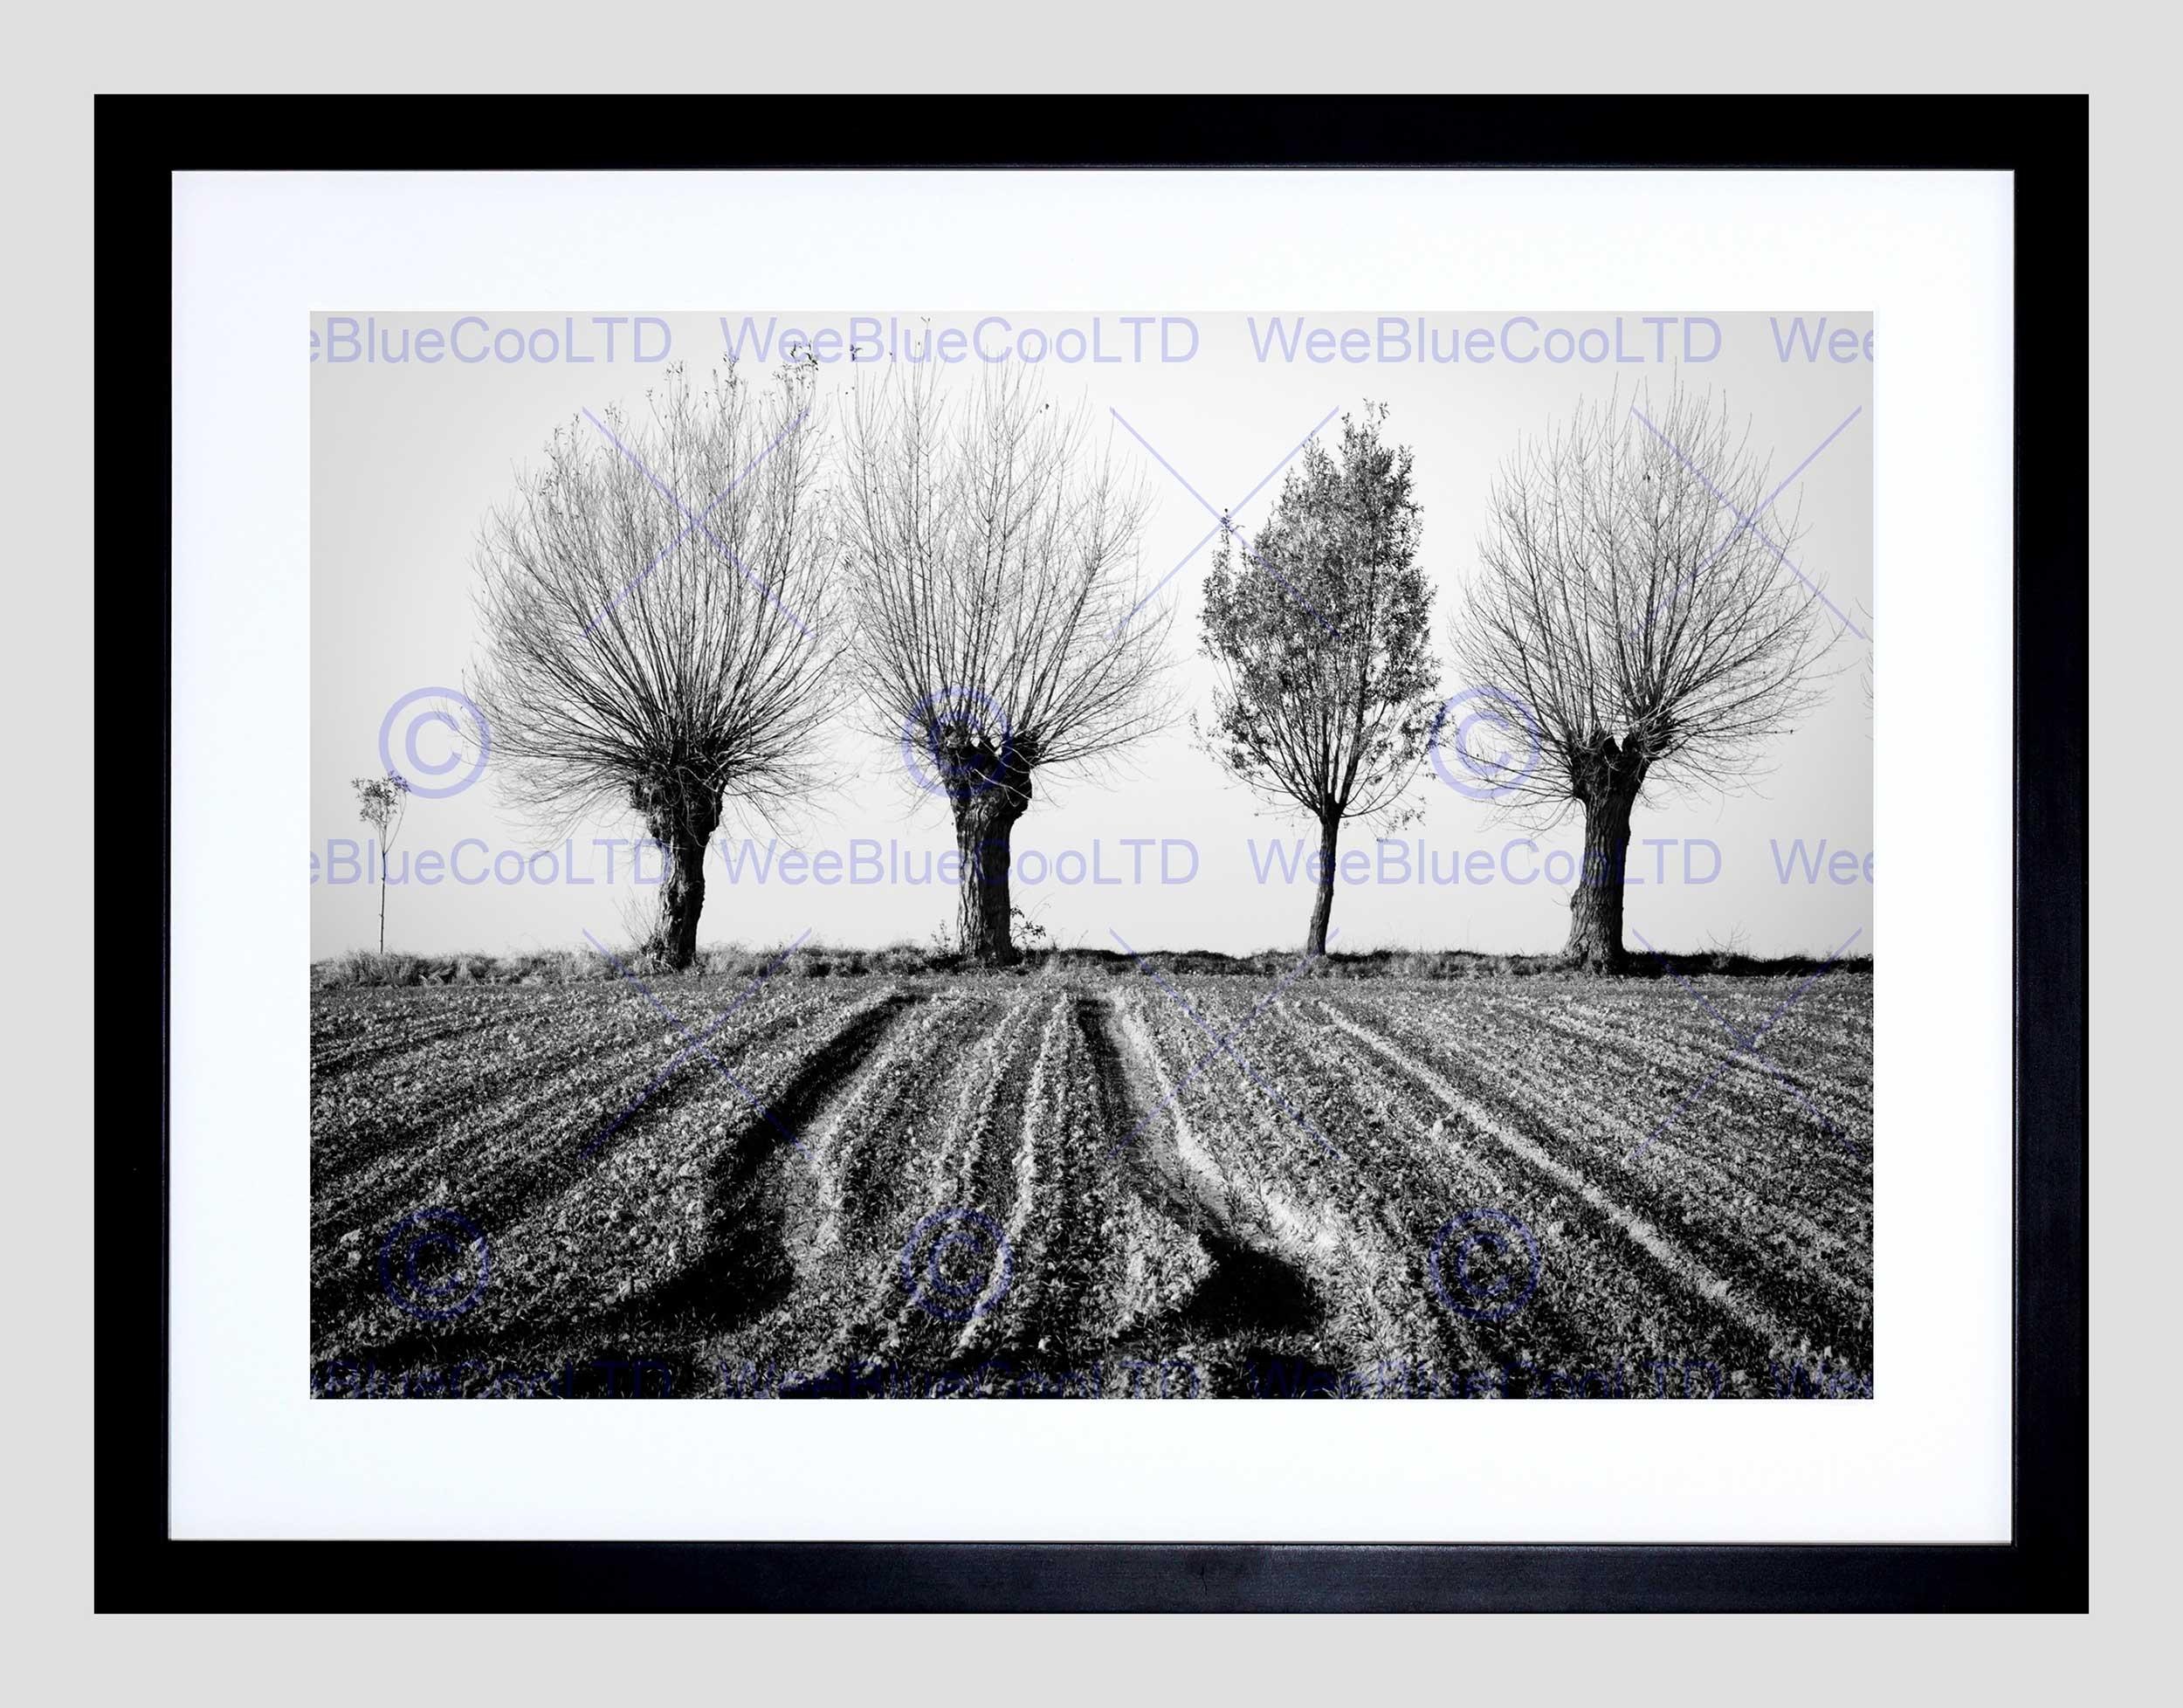 Trees Horizon Black White Black Frame Framed Art Print Picture For Recent Black And White Framed Art Prints (View 15 of 15)